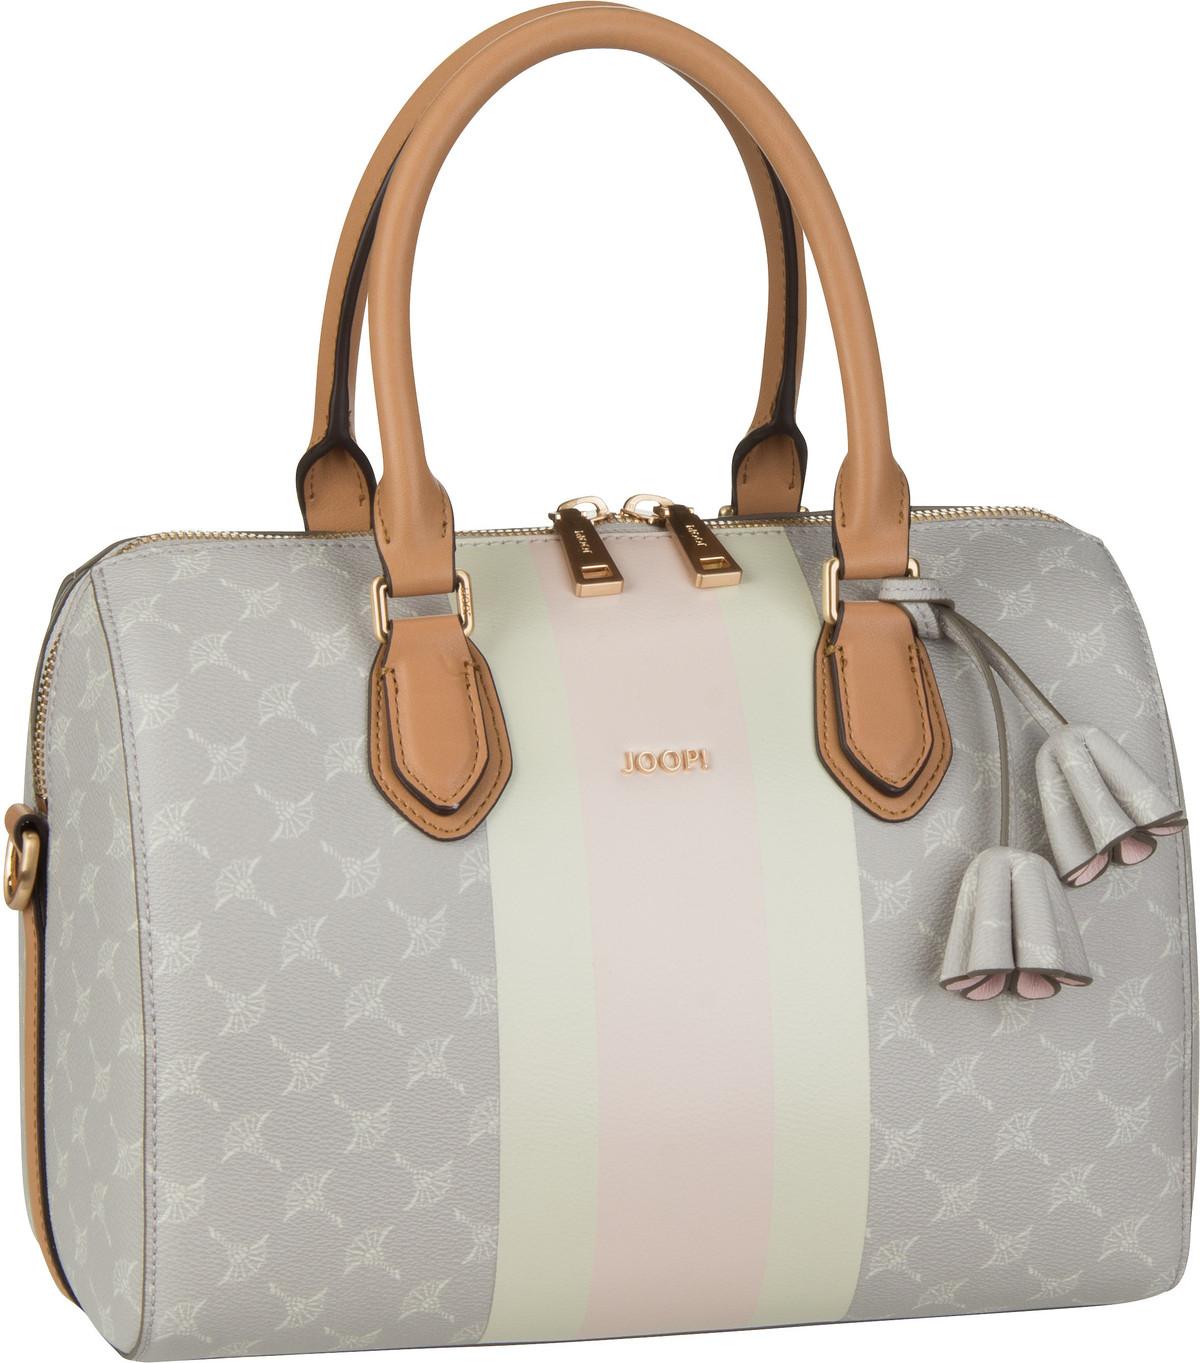 Handtasche Cortina Due Aurora HandBag SHZ Lightgrey